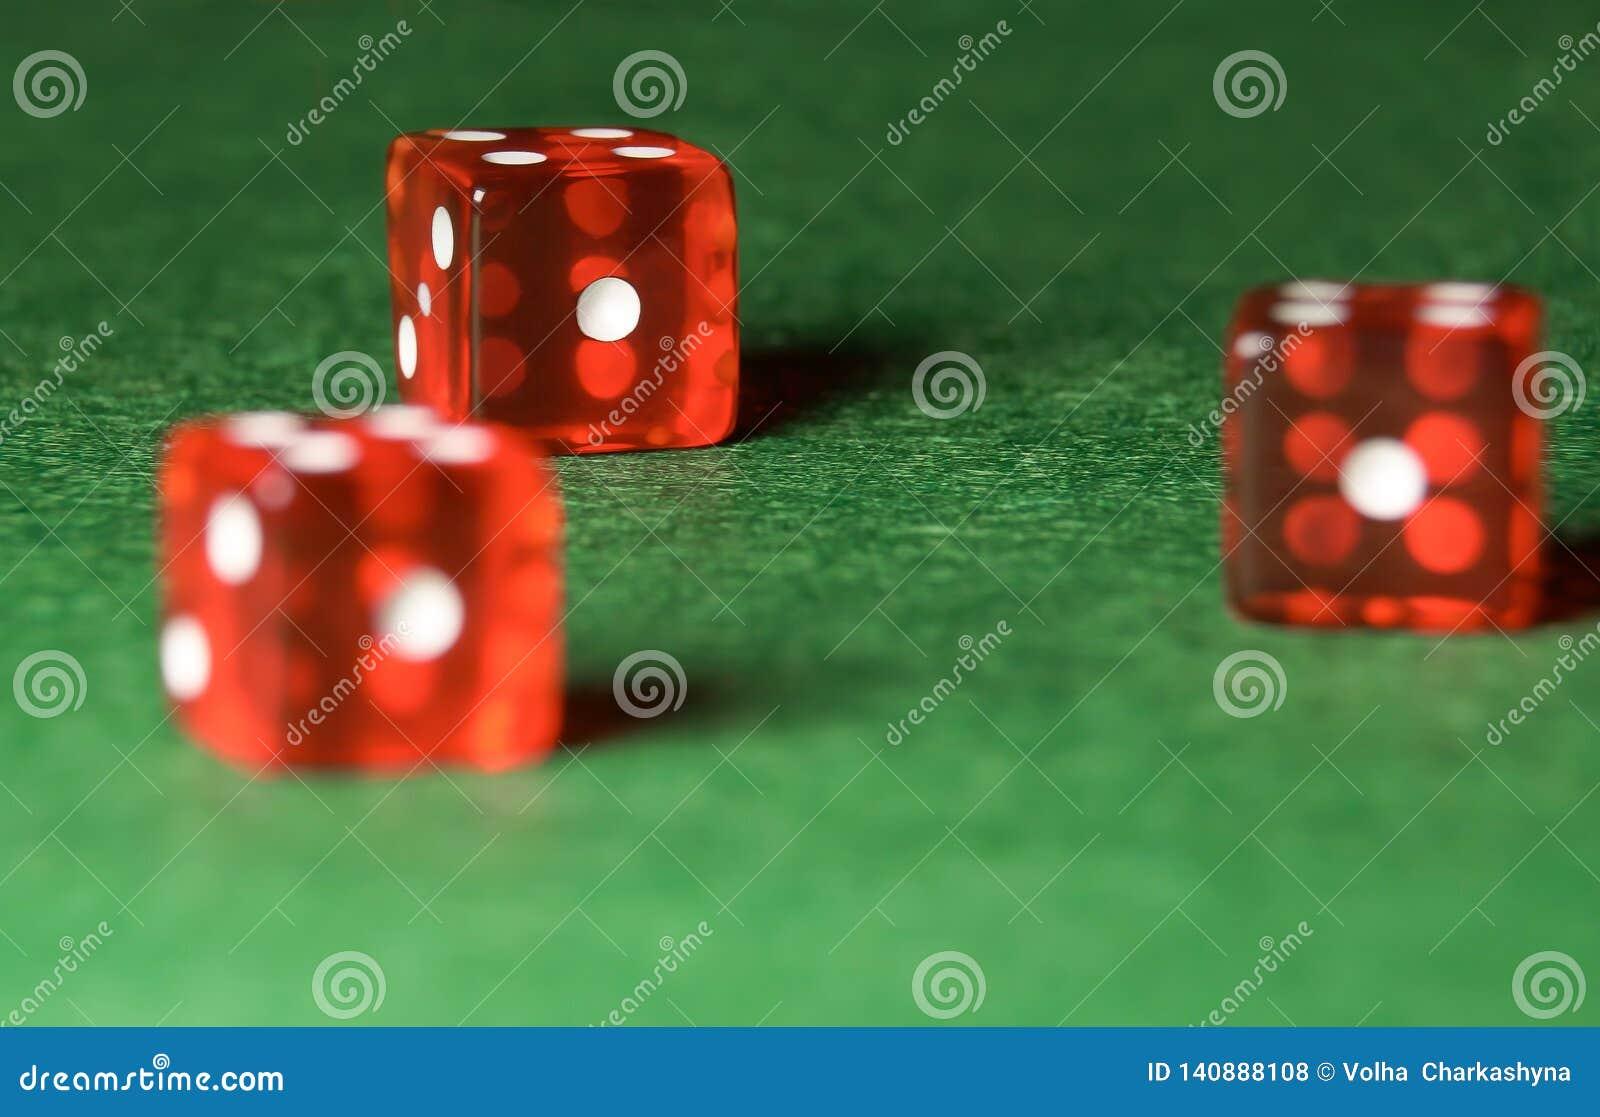 赌博娱乐场在绿色布料切成小方块 网上赌博的概念